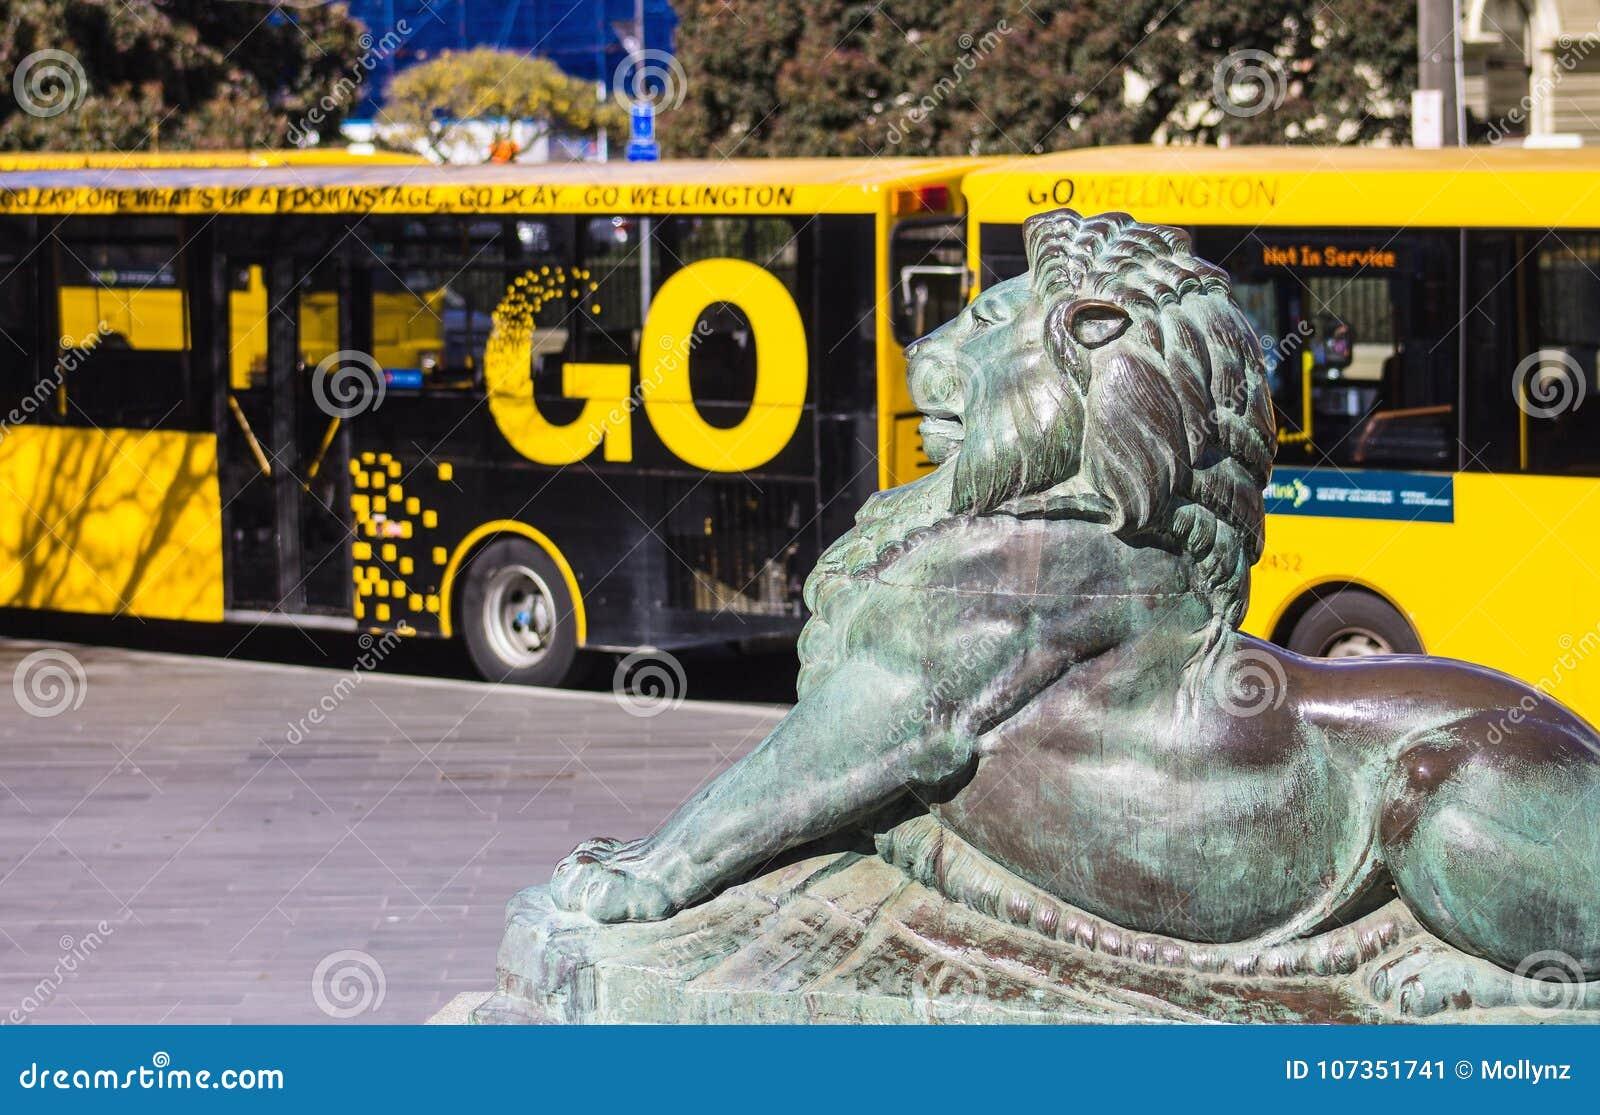 León de bronce en la base de Wellington Cenotaph con los autobuses de la ciudad en el fondo